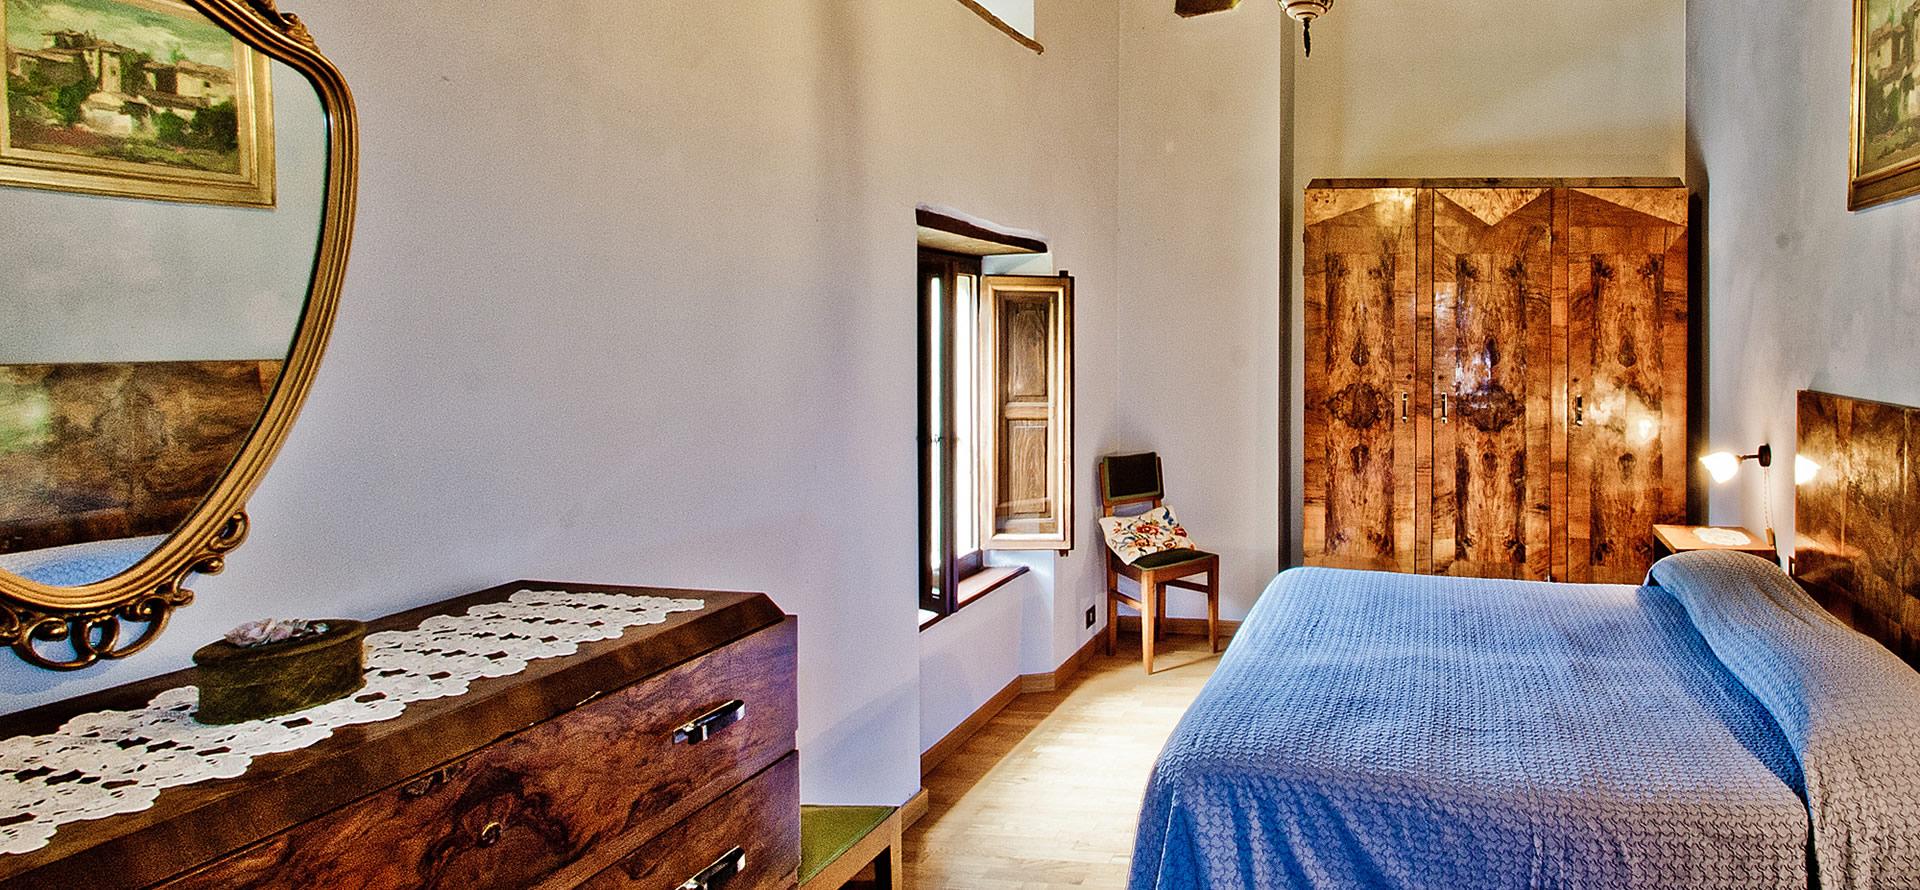 Camera blu appartamento vacanza Mirolago 6-10 persone